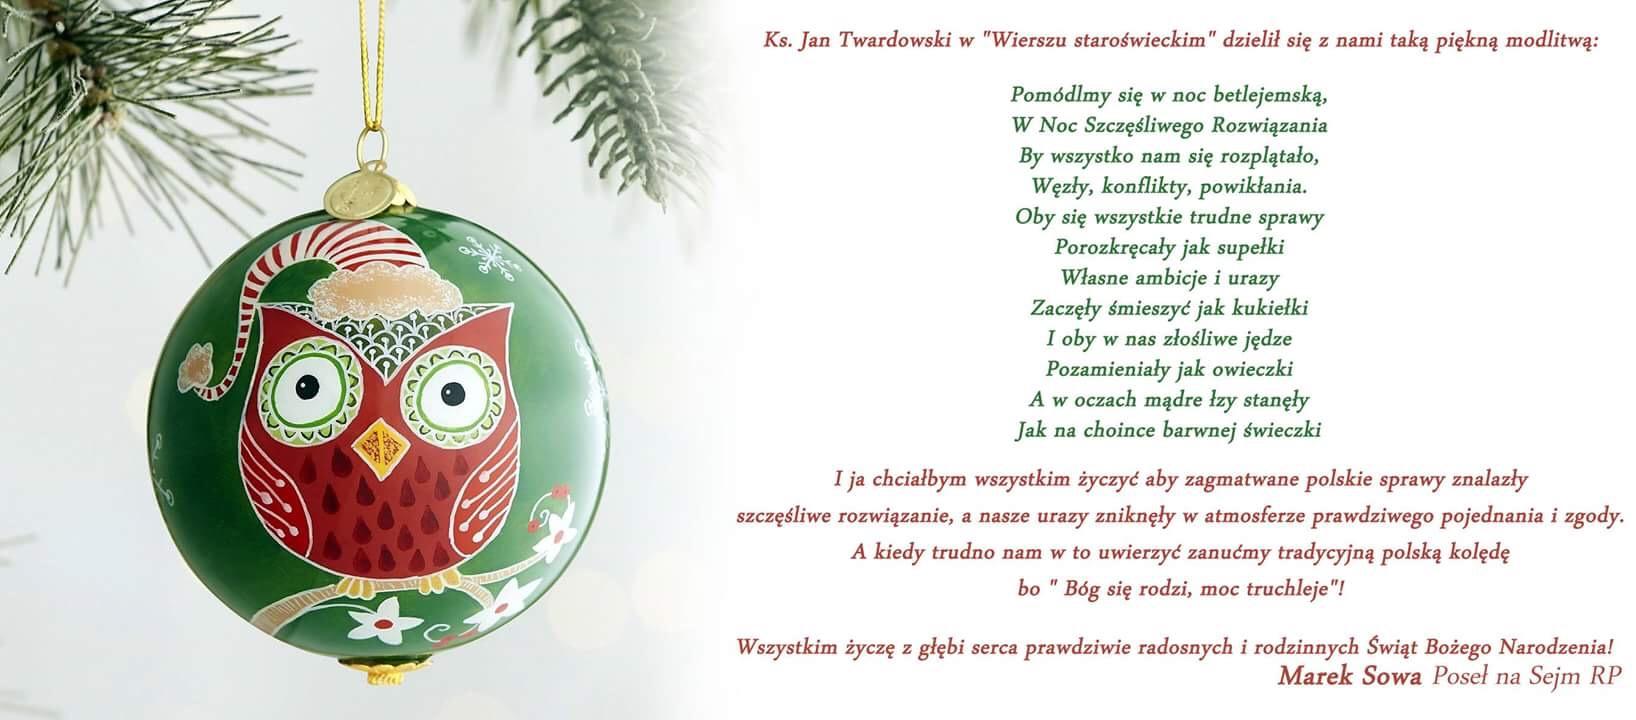 ŚWIĘTA. Życzenia świąteczno-noworoczne od posła na Sejm RP Marka Sowy